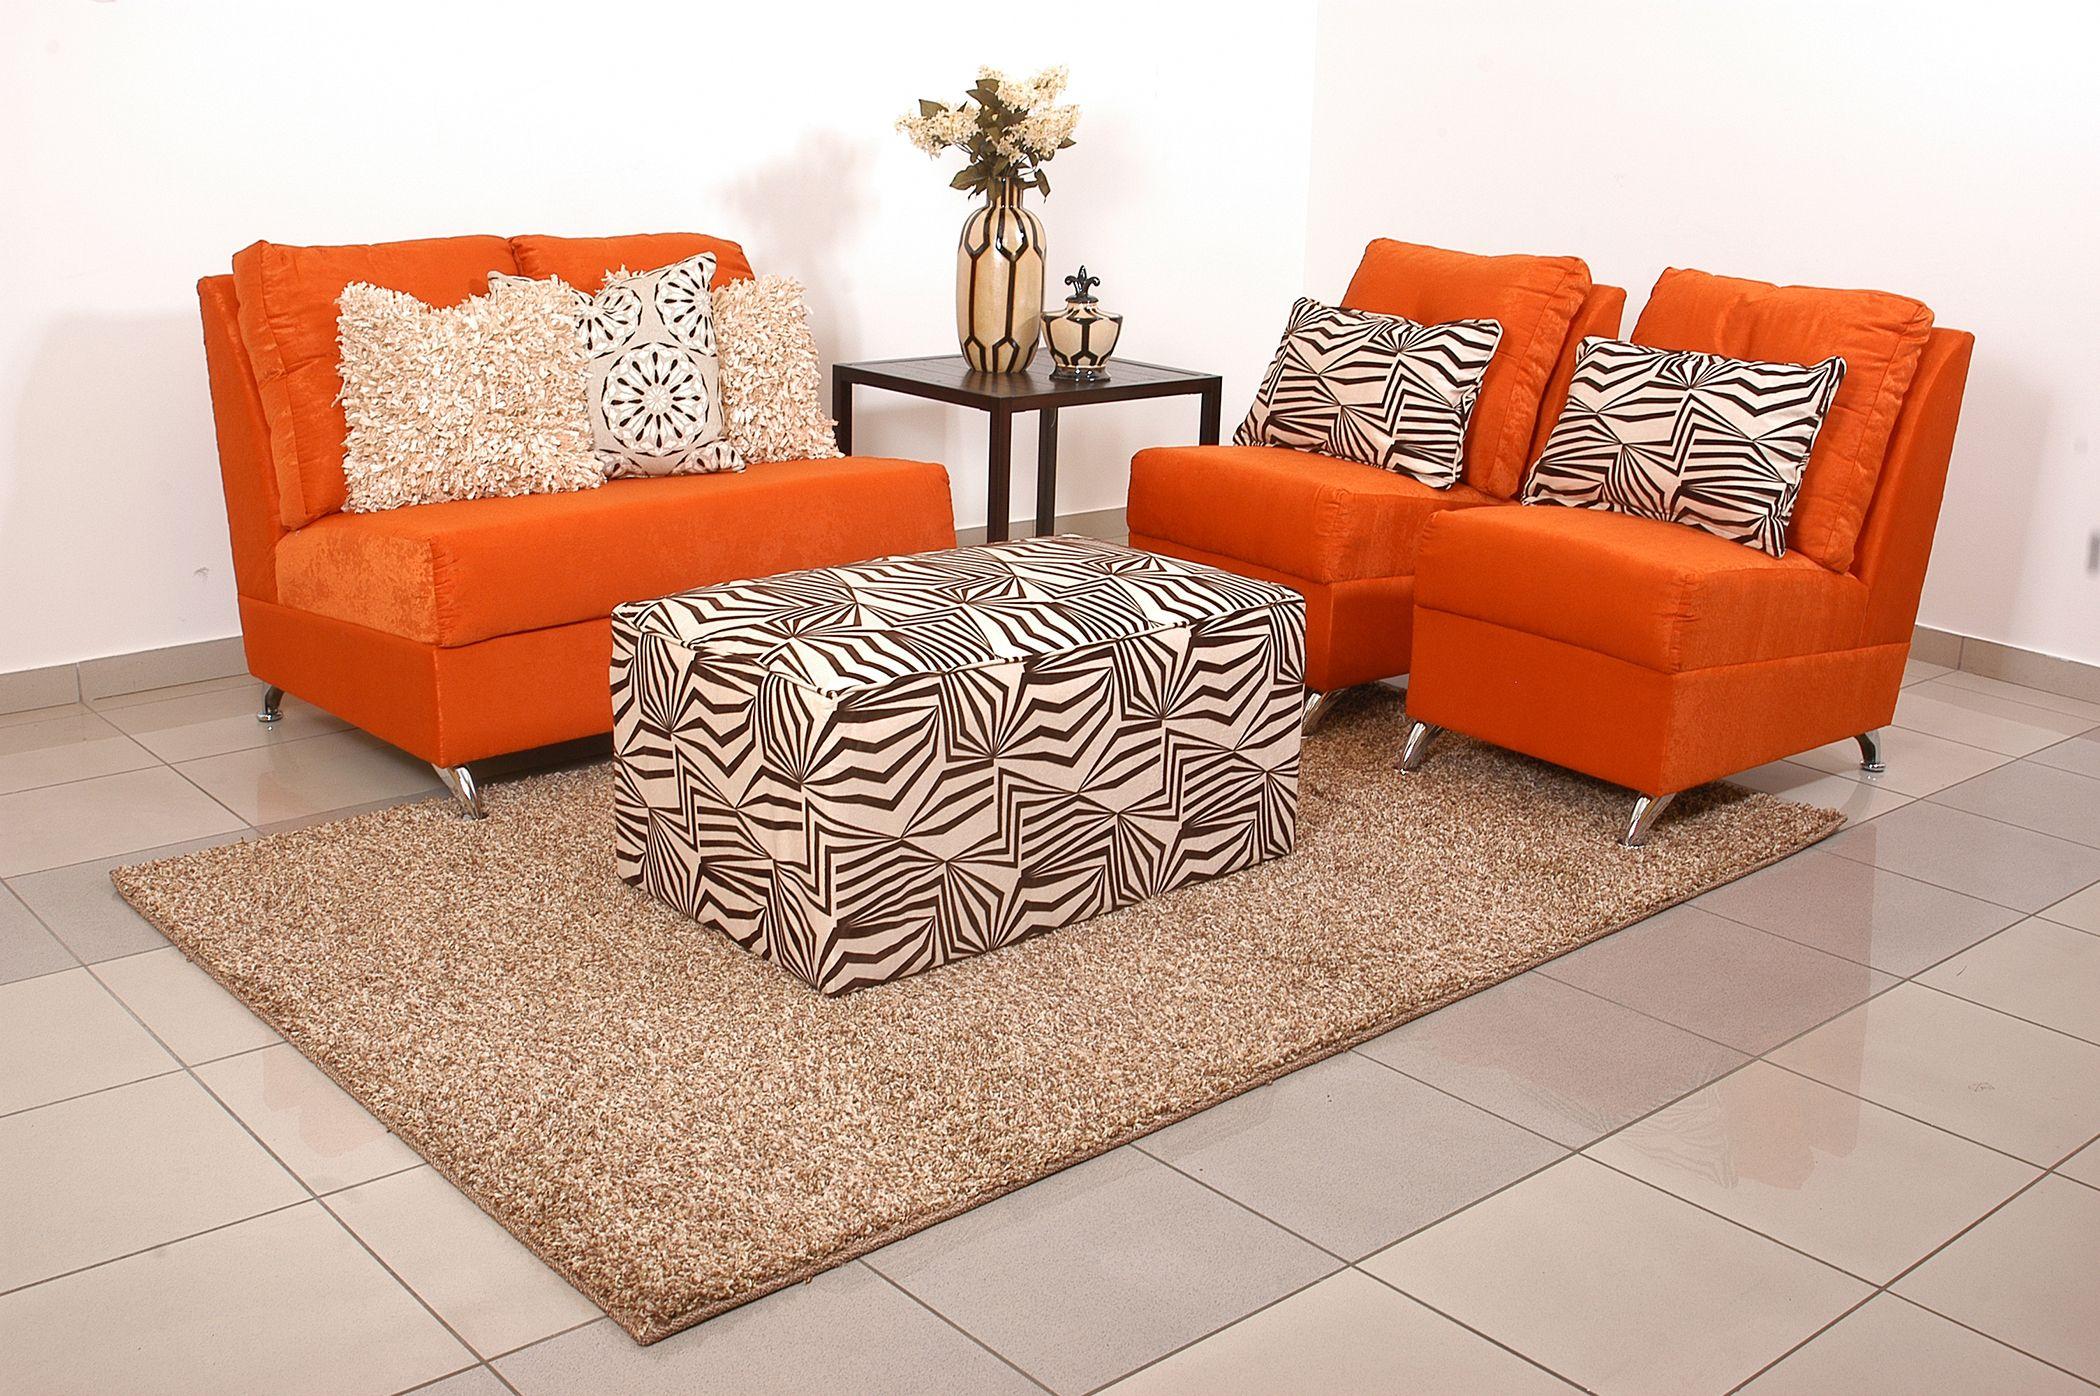 Juego de sala sof y 2 sillones ottoman mod palermo for Colores para muebles de sala